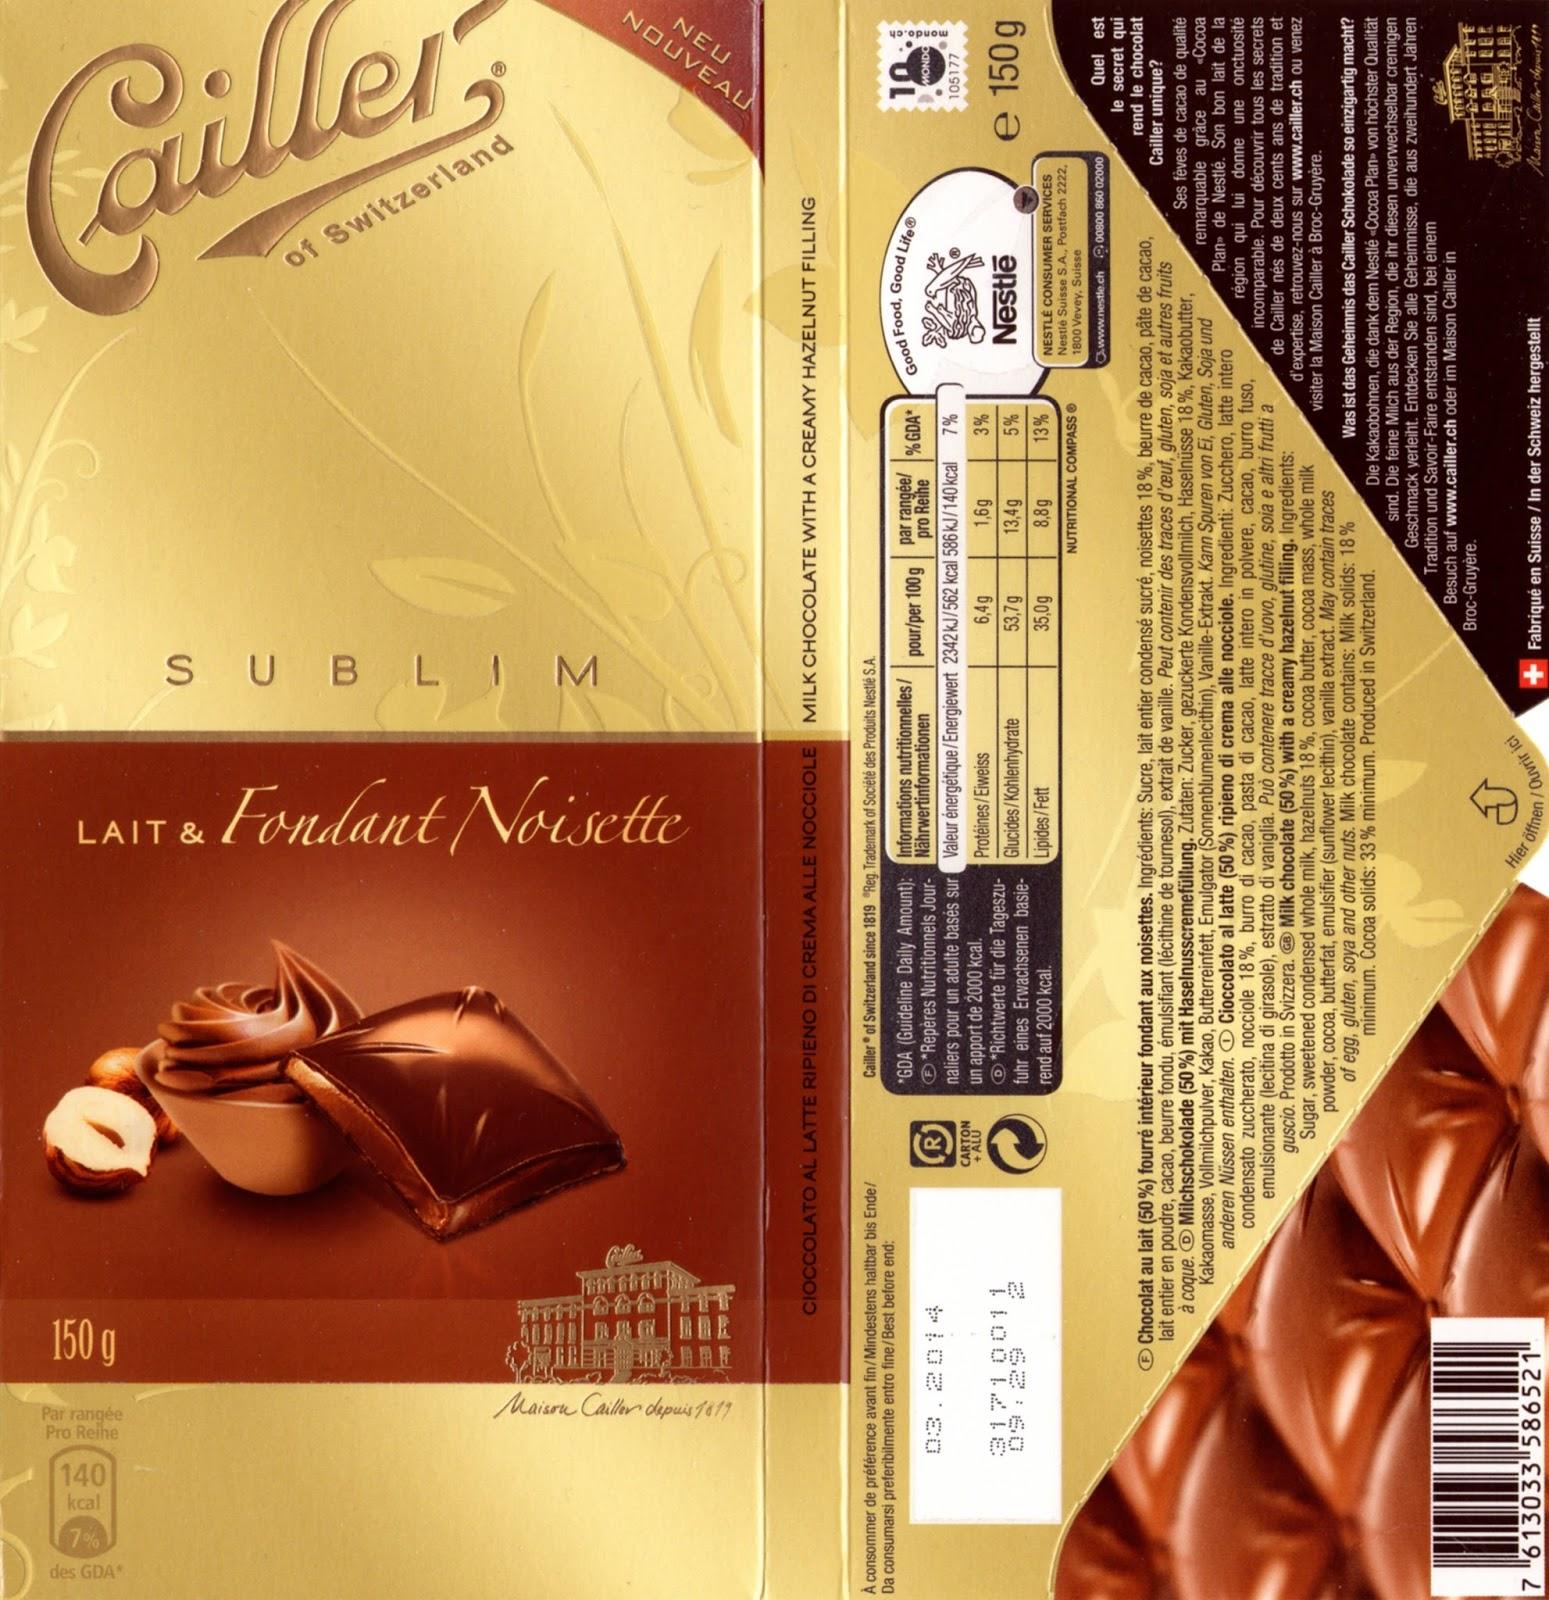 tablette de chocolat lait fourré cailler sublim lait fondant noisette